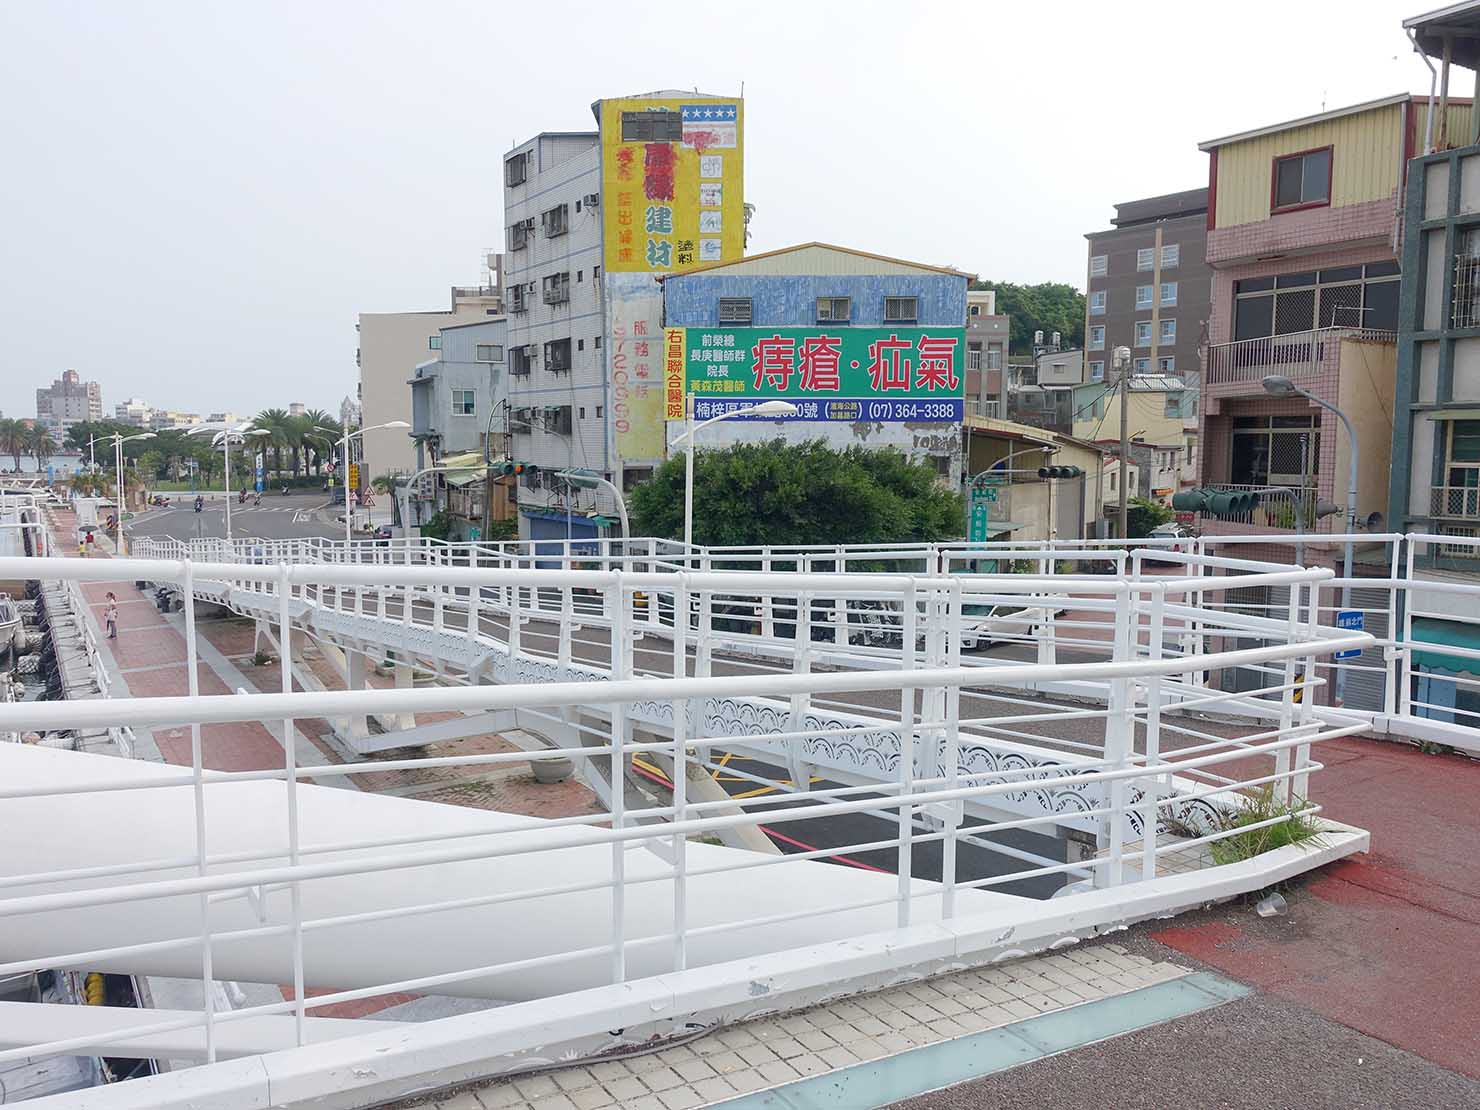 高雄・西子灣の鼓山輪渡站(旗津行きフェリー乗り場)横の白い橋を渡りきった分かれ道